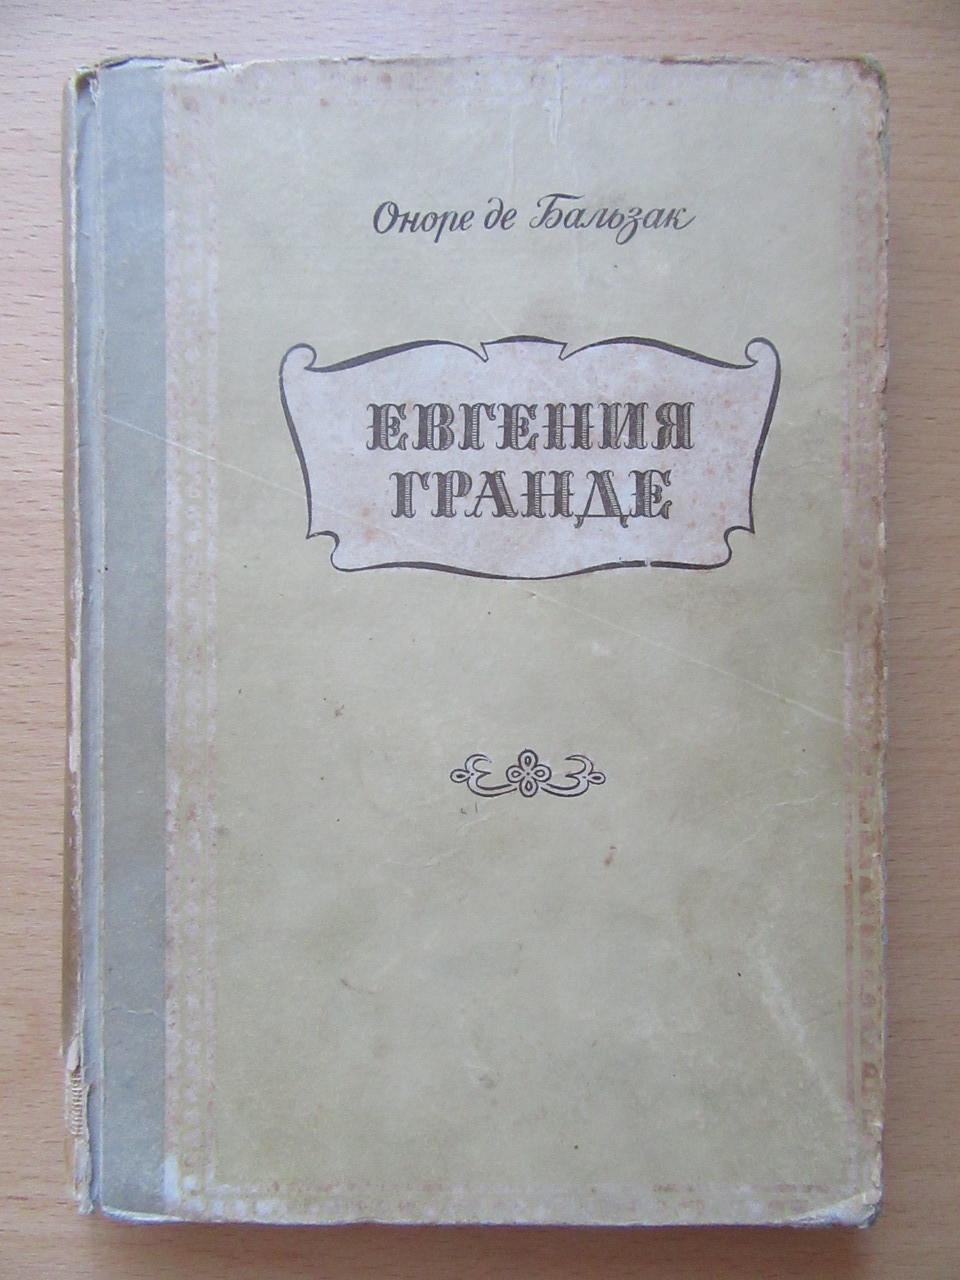 Оноре де Бальзак. Евгения Гранде. 1950г